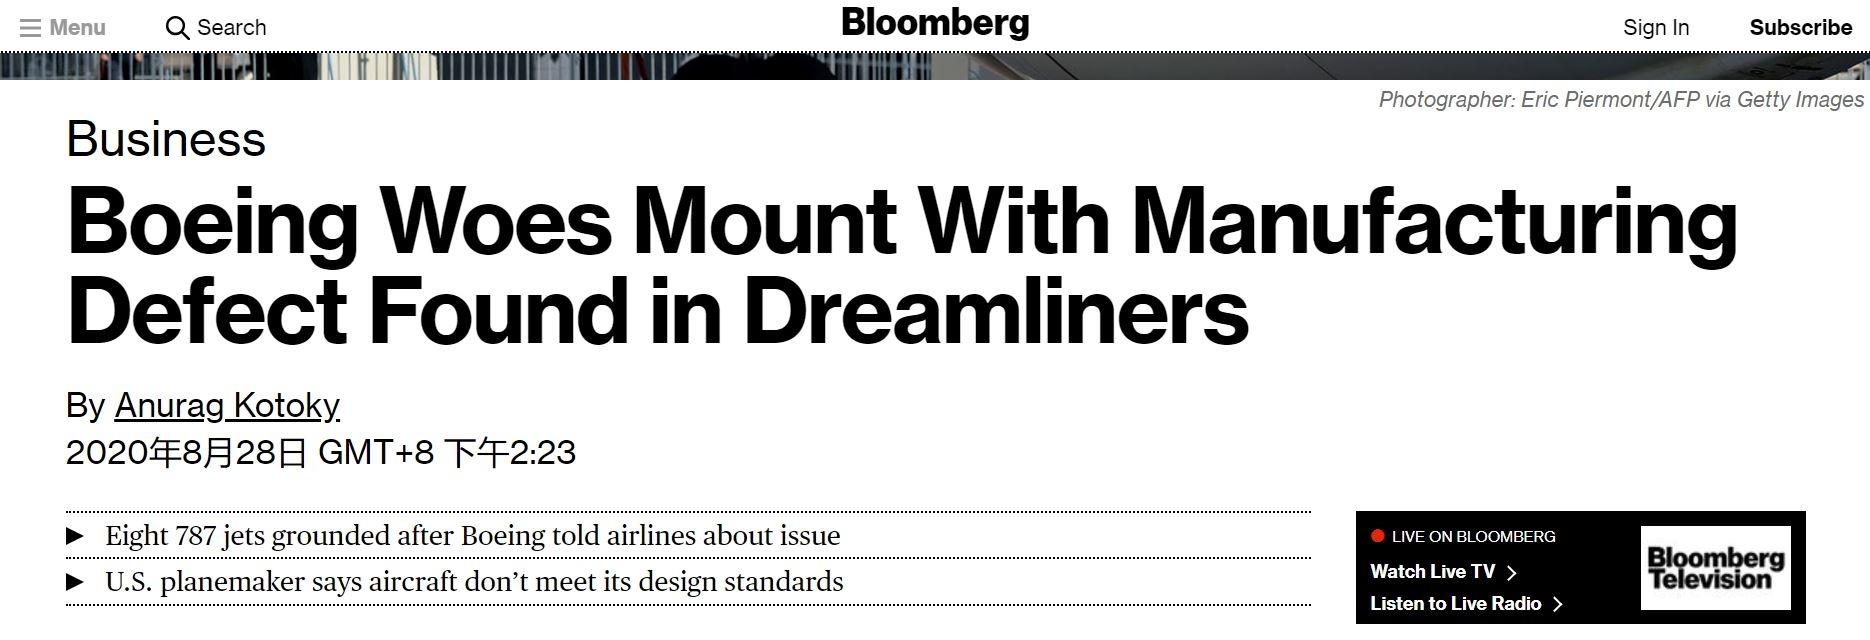 8架波音787的机身出现未达标准的制造问题 现已停飞